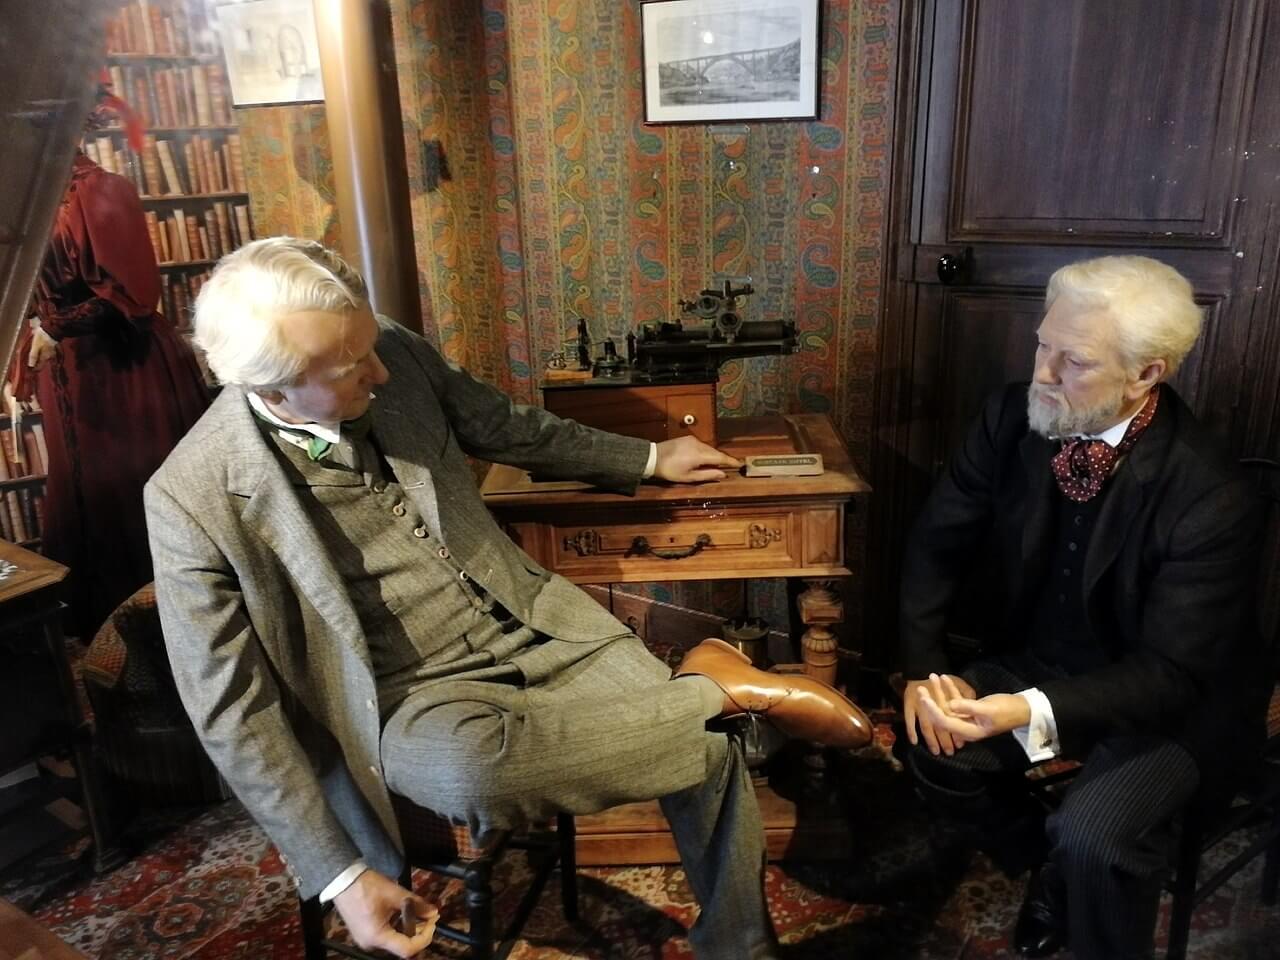 مجسمه واکسی گوستاو ایفل و توماس ادیسون در آپارتمان ایفل که هم اکنون در بالای برج قابل بازدید هست.